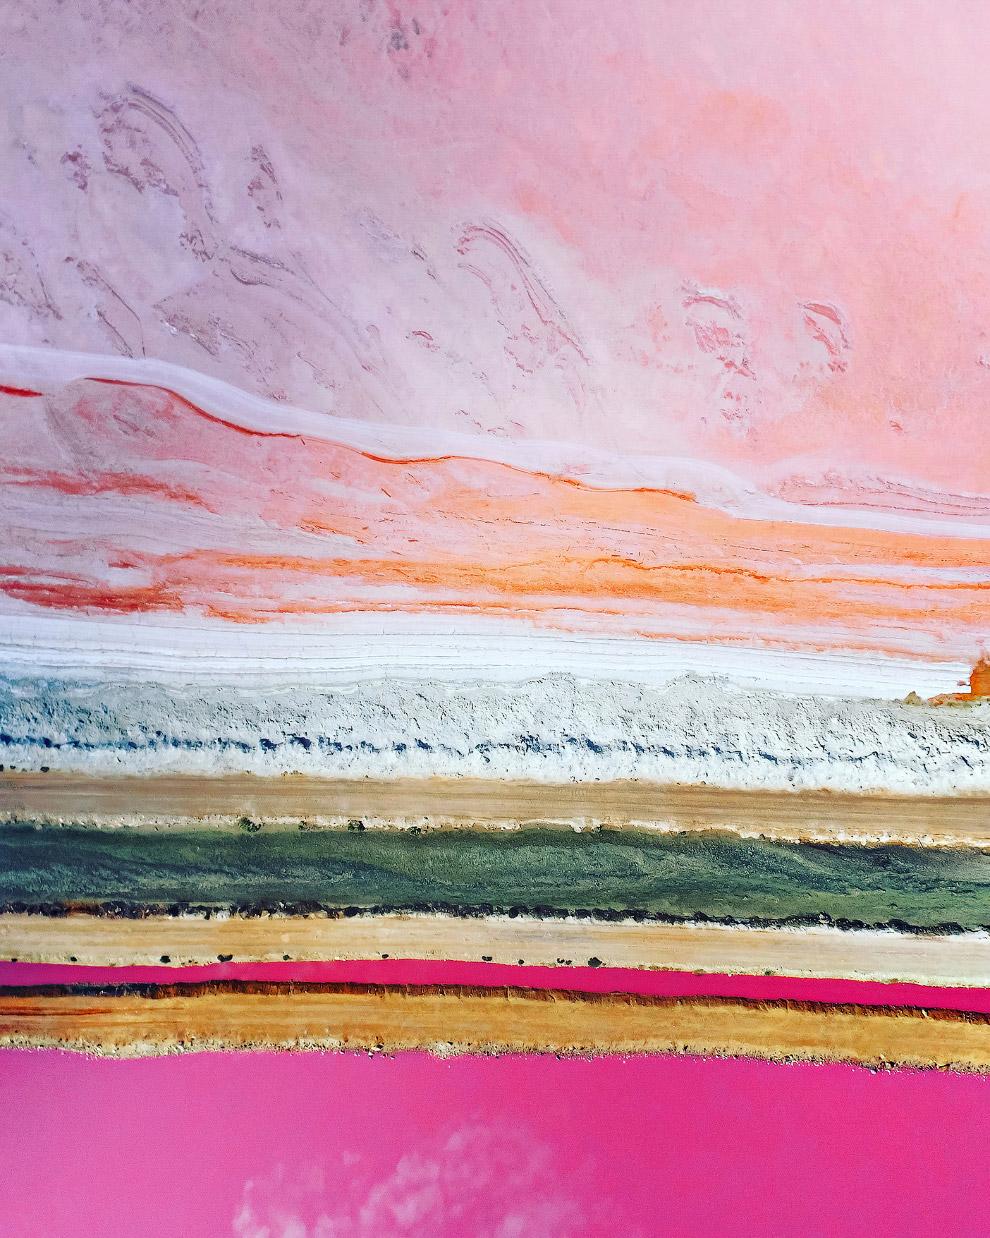 розовые оттенки розового озера под названием Hutt Lagoon, Западная Австралия.